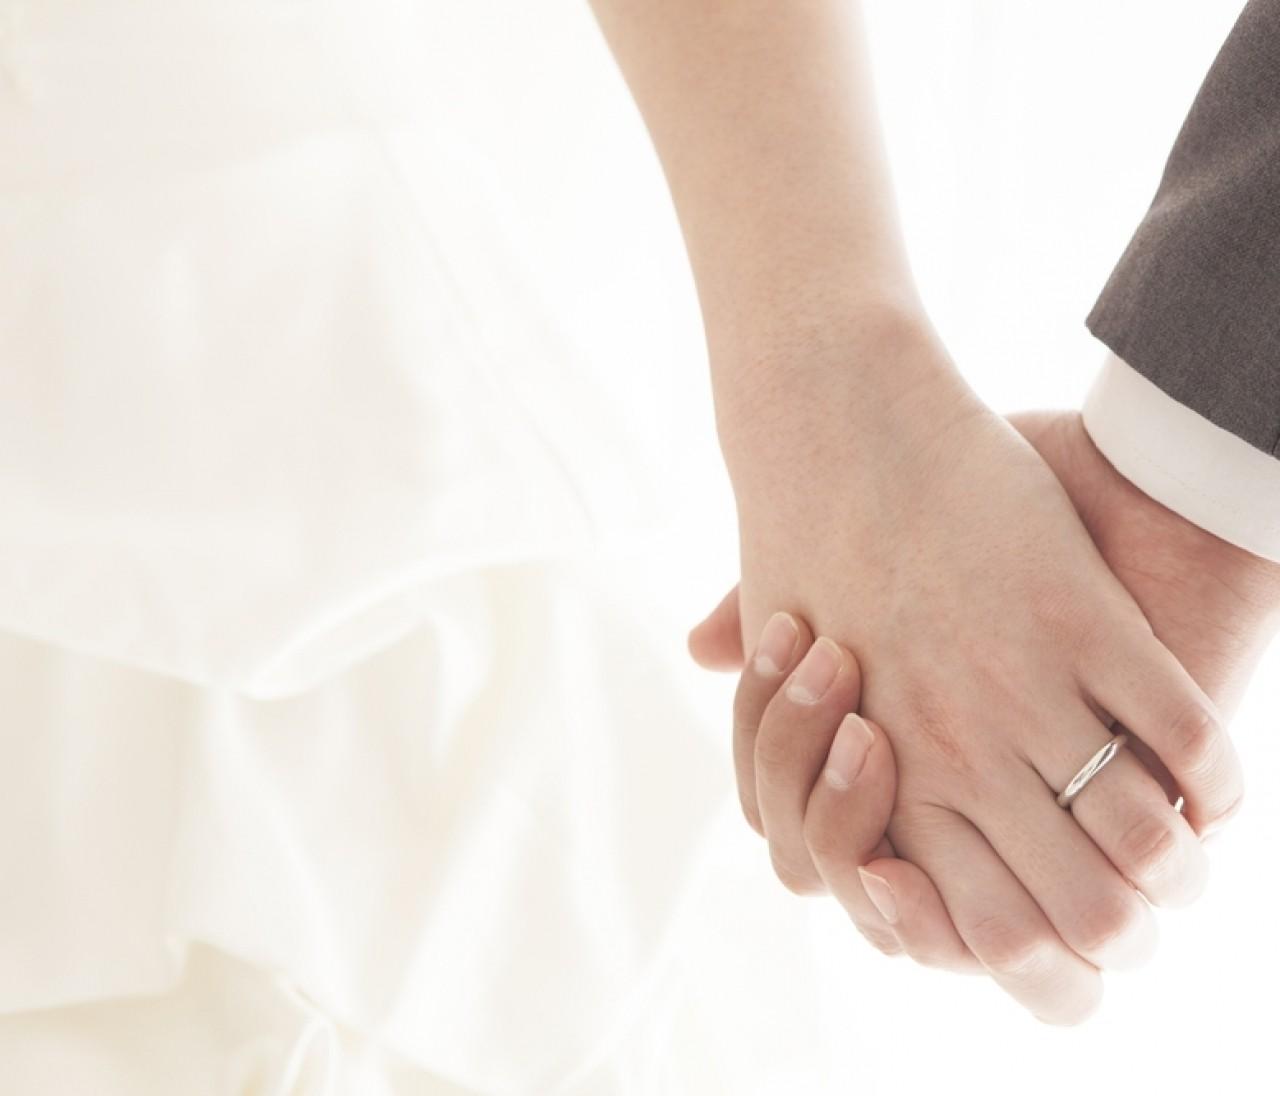 BAILA世代の結婚・婚活について調査してみました!【30代ジーコの、本気で婚活!ブログVol.38】